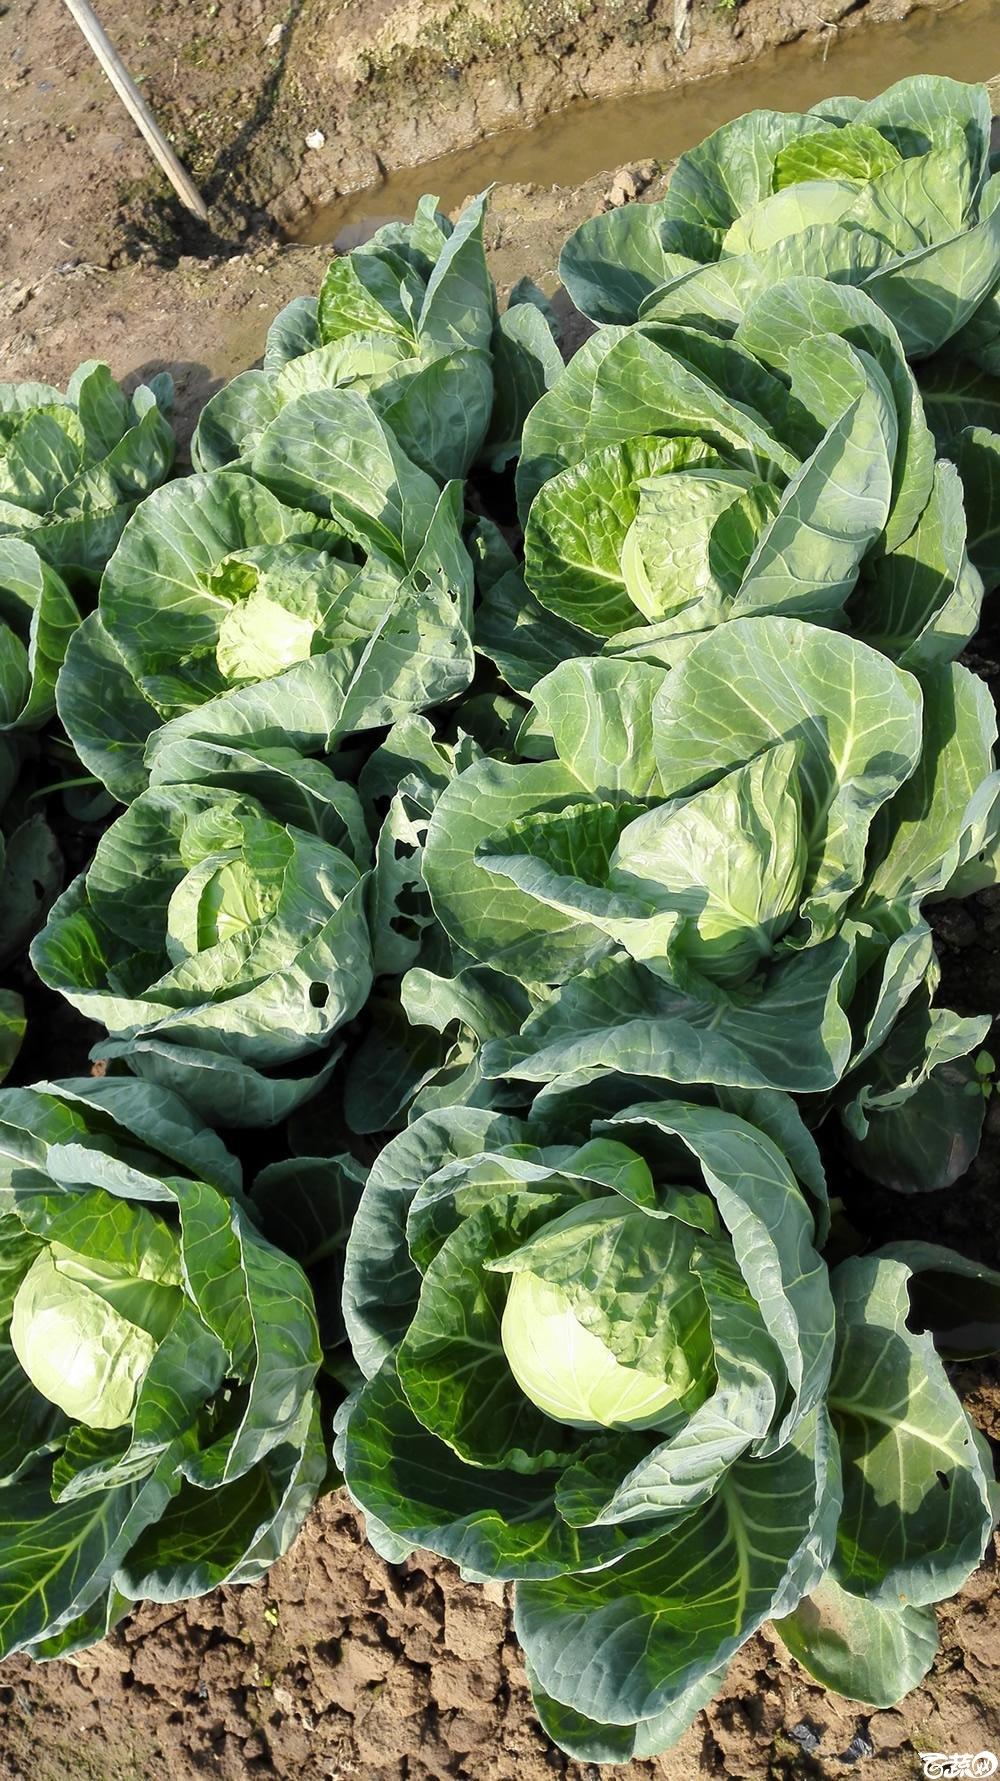 2014年12月10号广州市农科院南沙秋季蔬菜新品种展示会 甘蓝_146.jpg